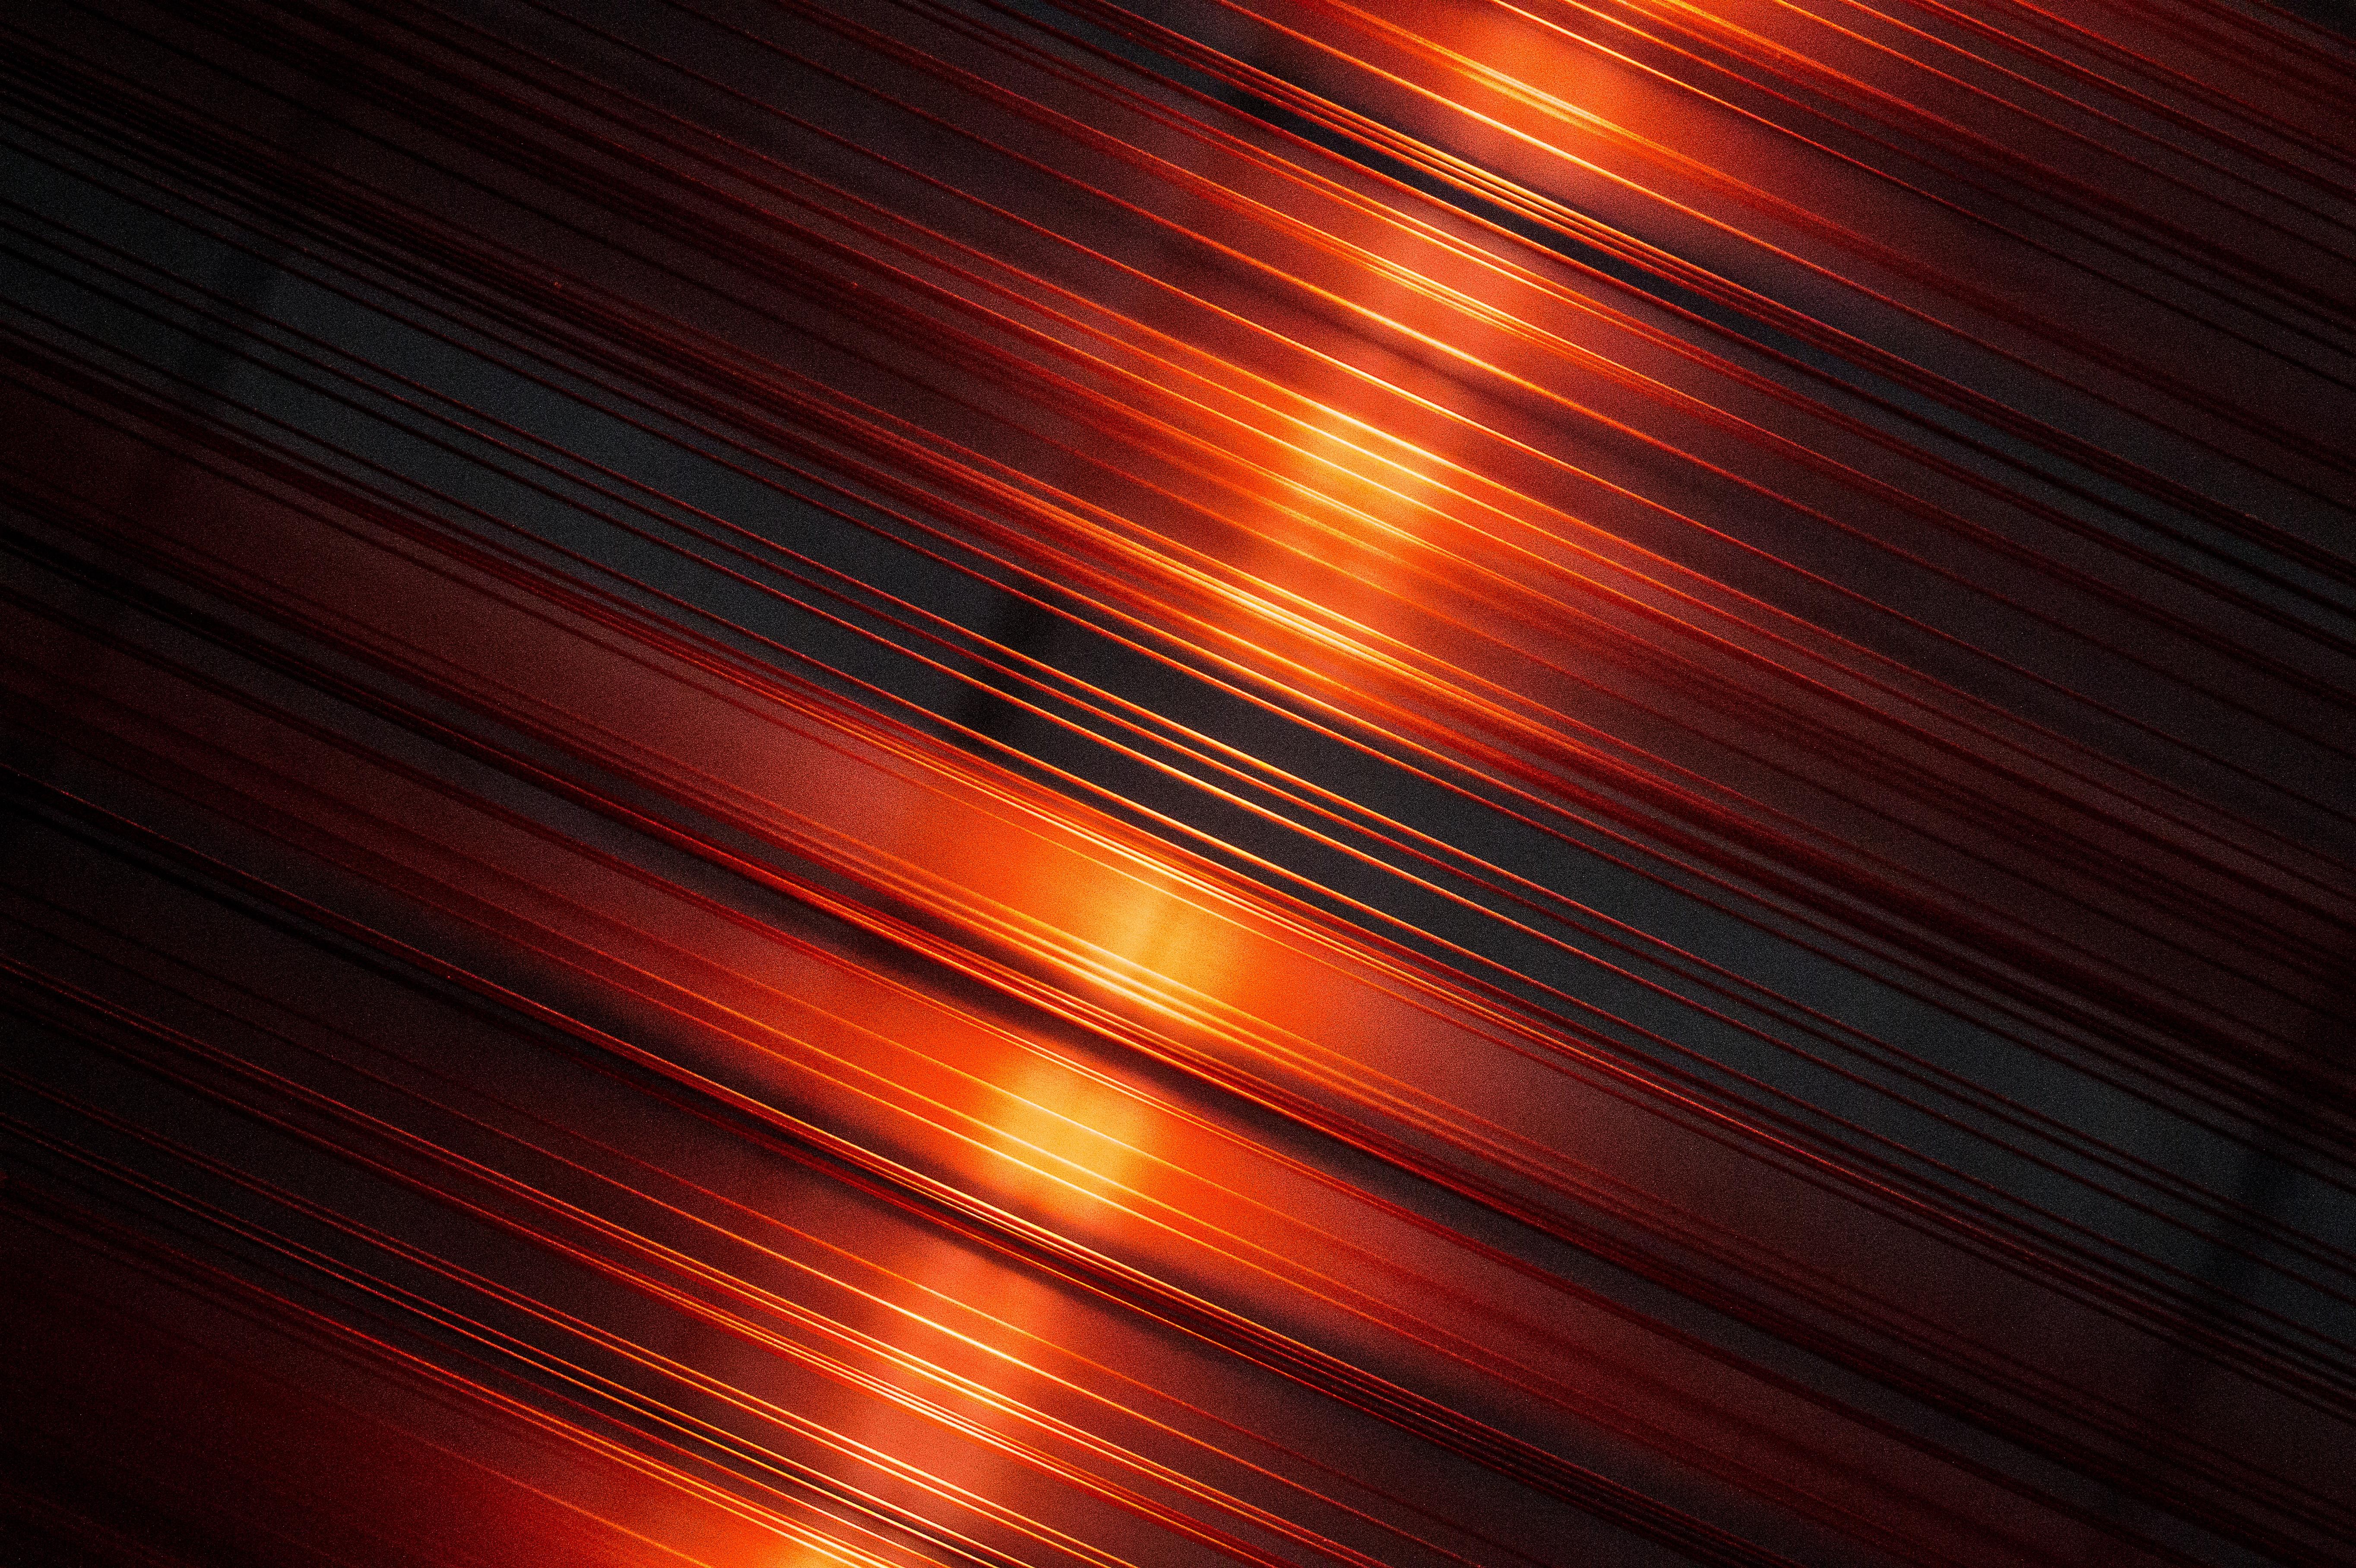 120188 Salvapantallas y fondos de pantalla Texturas en tu teléfono. Descarga imágenes de Texturas, Textura, Rayas, Líneas, Lineas, Oblicuamente, Destello, Relucir gratis